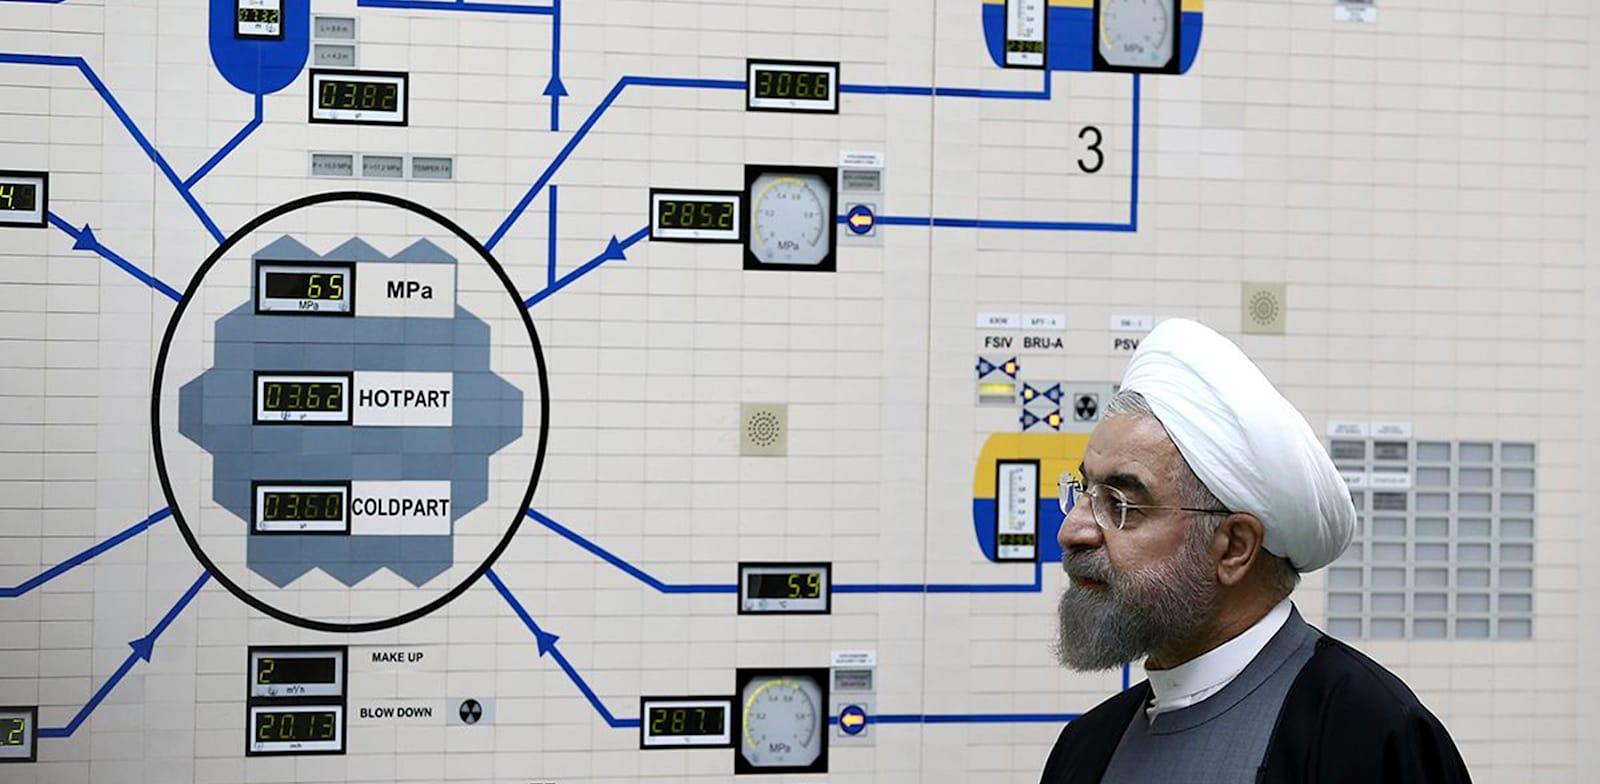 הנשיא האיראני חסן רוחאני מבקר בתחנת הכוח הגרעינית בבושהר ב-2015 / צילום: Associated Press, Iranian Presidency Office, Mohammad Berno